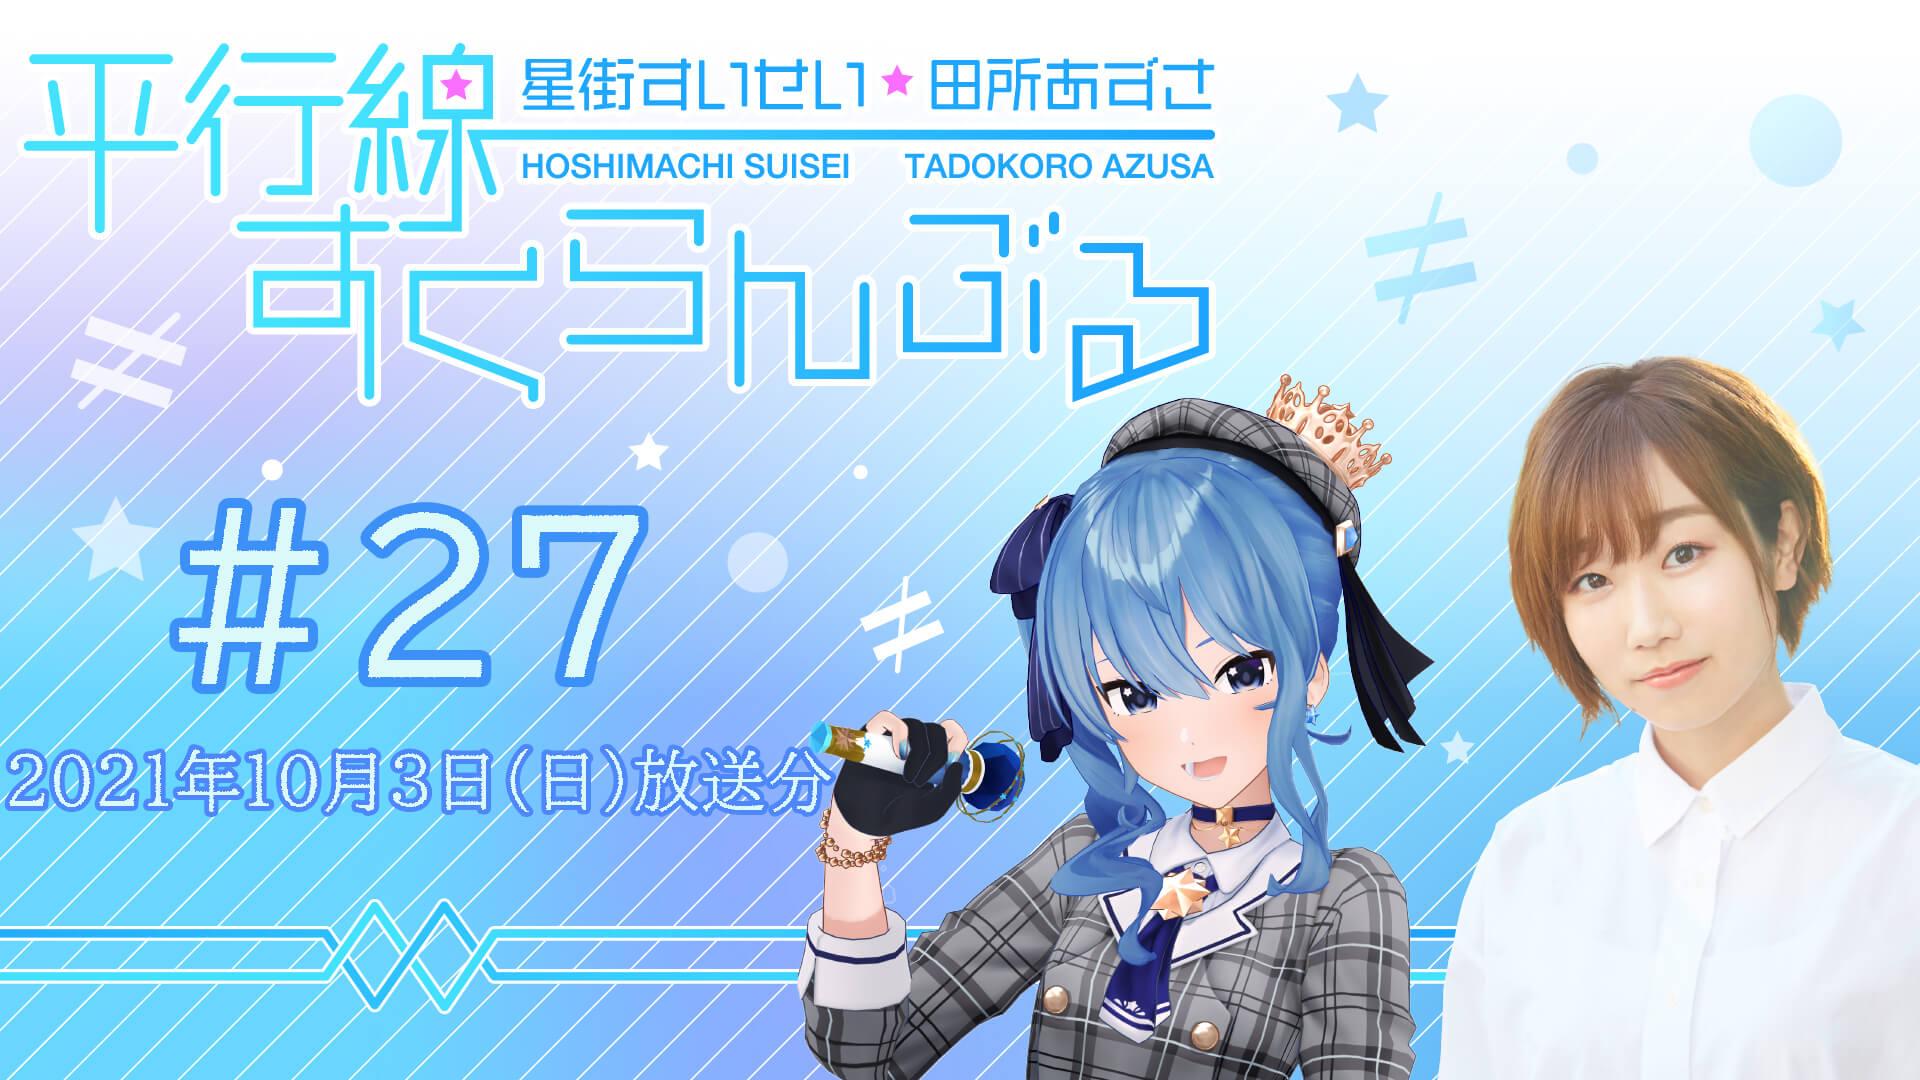 #27『星街すいせい・田所あずさ 平行線すくらんぶる』(2021年10月3日放送分)